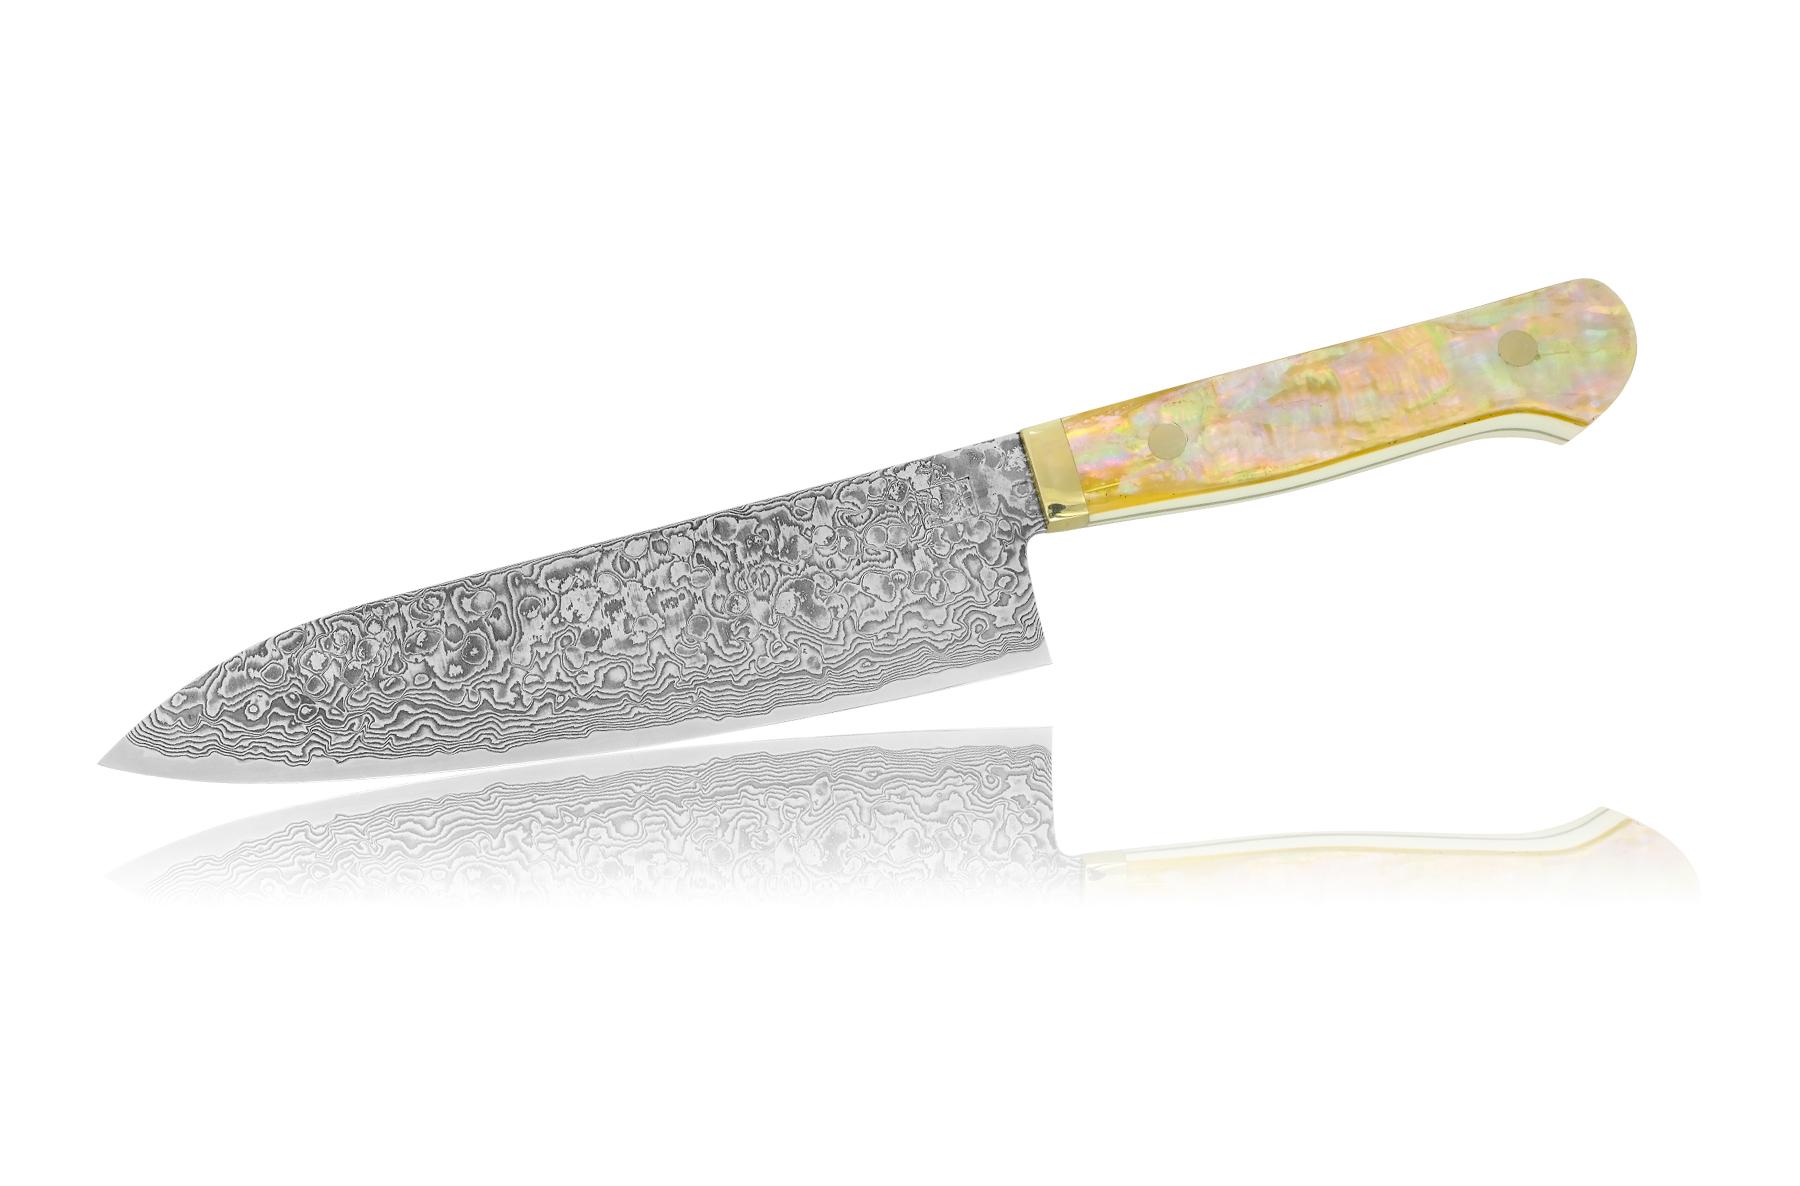 Нож кухонный стальной Шеф 180мм Hiroo Itou Damaskus HI-1139Ножи Шеф<br>Нож кухонный стальной Шеф 180мм Hiroo Itou Damaskus HI-1139<br><br><br>Отличительные особенности<br>Что резать: подходит для нарезки любых продуктов (мясо, рыба, овощи, фрукты).<br>Материал лезвия:R2 – химический состав стали R2 не разглашается, известно только, что сталь порошковая. Сталь превосходит все известные ножевые стали (в том числе Cowry X и ZDP-189) по всем основным показателям — сохранению остроты режущей кромки, прочности и сопротивлению ржавчине.<br>Еще одной особенностью изготовления клинков из стали R2 является то, что не используются гриндерные станки для формирования спусков, не без оснований считая, что они слишком перегревают сталь. Клинки обрабатываются на медленно вращающемся водяном каменном круге.<br>Материал рукоятки:Перламутр - внутренний слой раковин пресноводных и морских моллюсков, является органико-неорганическим композитом натурального происхождения. Жемчуг и перламутр имеют почти одинаковый состав.<br>Кому подойдет:авторские, эксклюзивные ножи для истенных ценителей.<br>Описание<br>Хиро Ито - японский мастер из города Fukui (Фукуи), с западного побережья японского острова Хонсю.<br><br>Мастер начал делать ножи в 1986 году. Первоначально это была американская технология, крайне популярная в Японии по сей день: шлифовка клинка из заготовки.<br>С 1987 года начинает профессионально заниматься ковкой. С 1995 года начинает применять для своих ножей сталь марки R2, разработанную им совместно с инженерами Kobe Steel Company для ножей. Это порошковый нержавеющий быстрорез с содержанием углерода более 2%. Для упрочнения клинка и повышения его декоративных свойств, клинки украшают многослойной (33 слоя) узорчатой сталью на основе никелевых и хромистых сталей. После травления новые ножи полируют и получают неповторимую по качеству режущую кромку, обладающую великолепными режущими свойствами. Финальную доводку лезвия мастер Хиро Ито тоже проводит вручную, считая, что водный пол